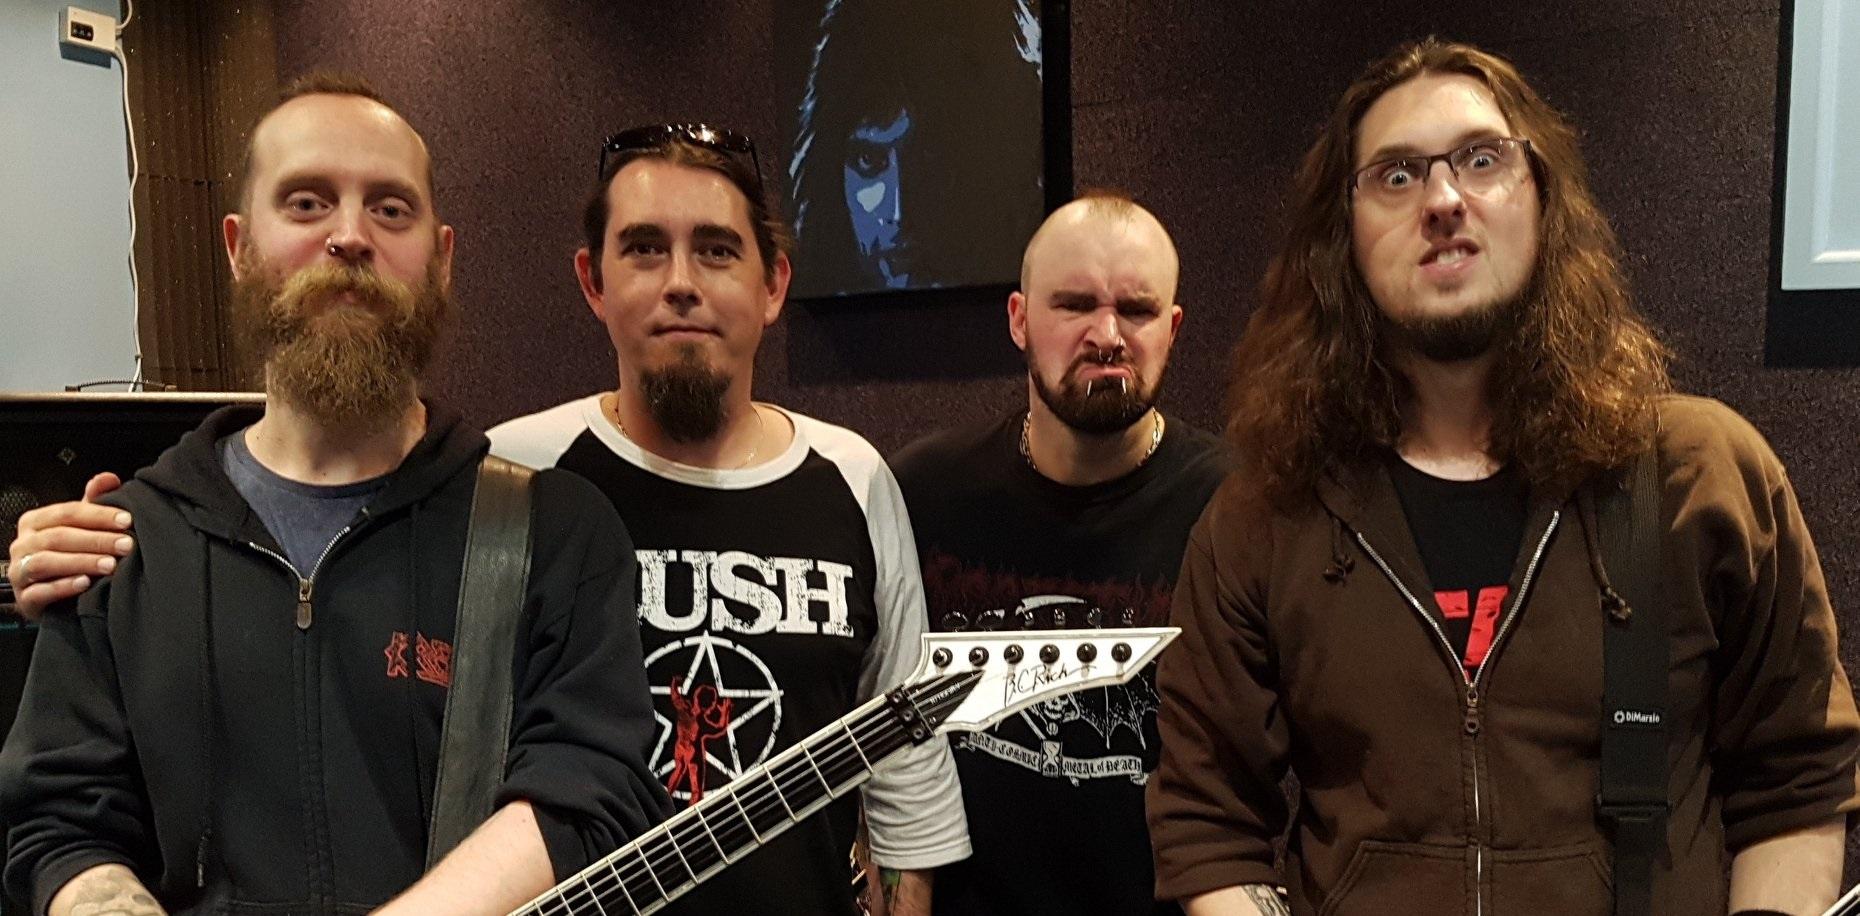 evile thrash metal thing